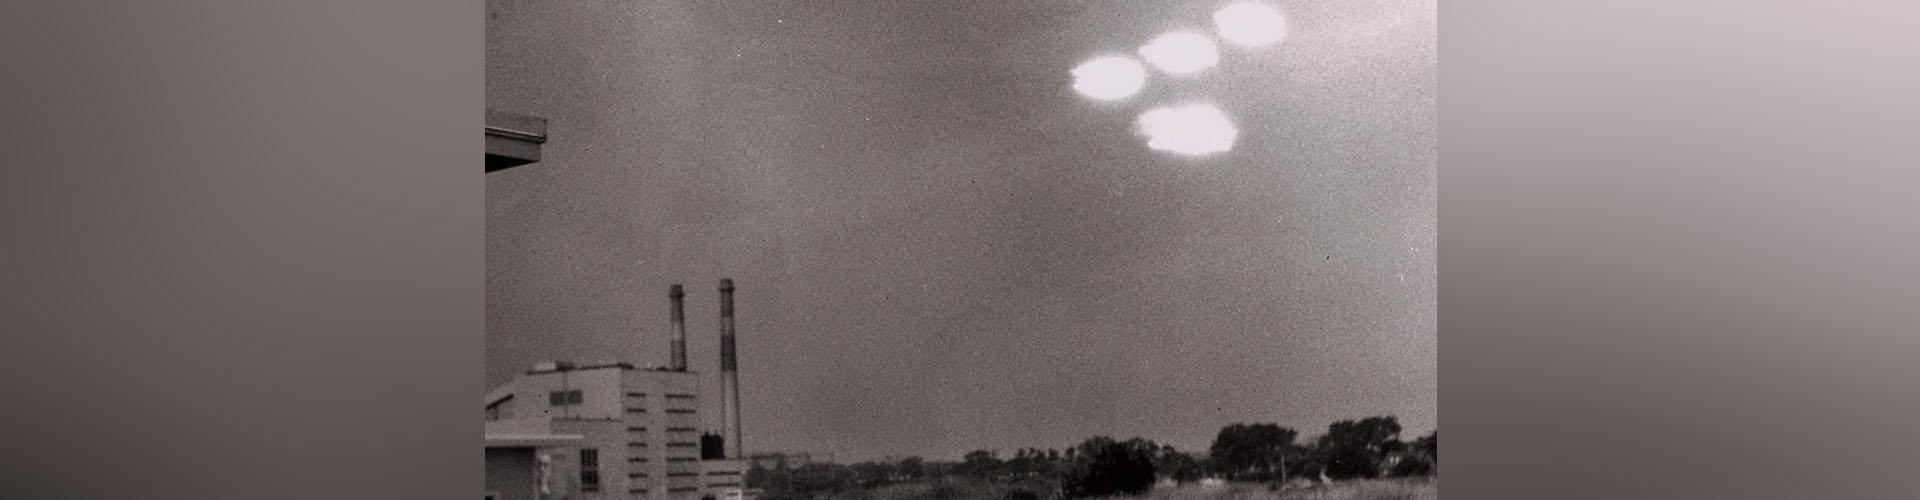 Increíble: ya se pueden descargar gratis todos los documentos que la CIA tiene sobre OVNIS